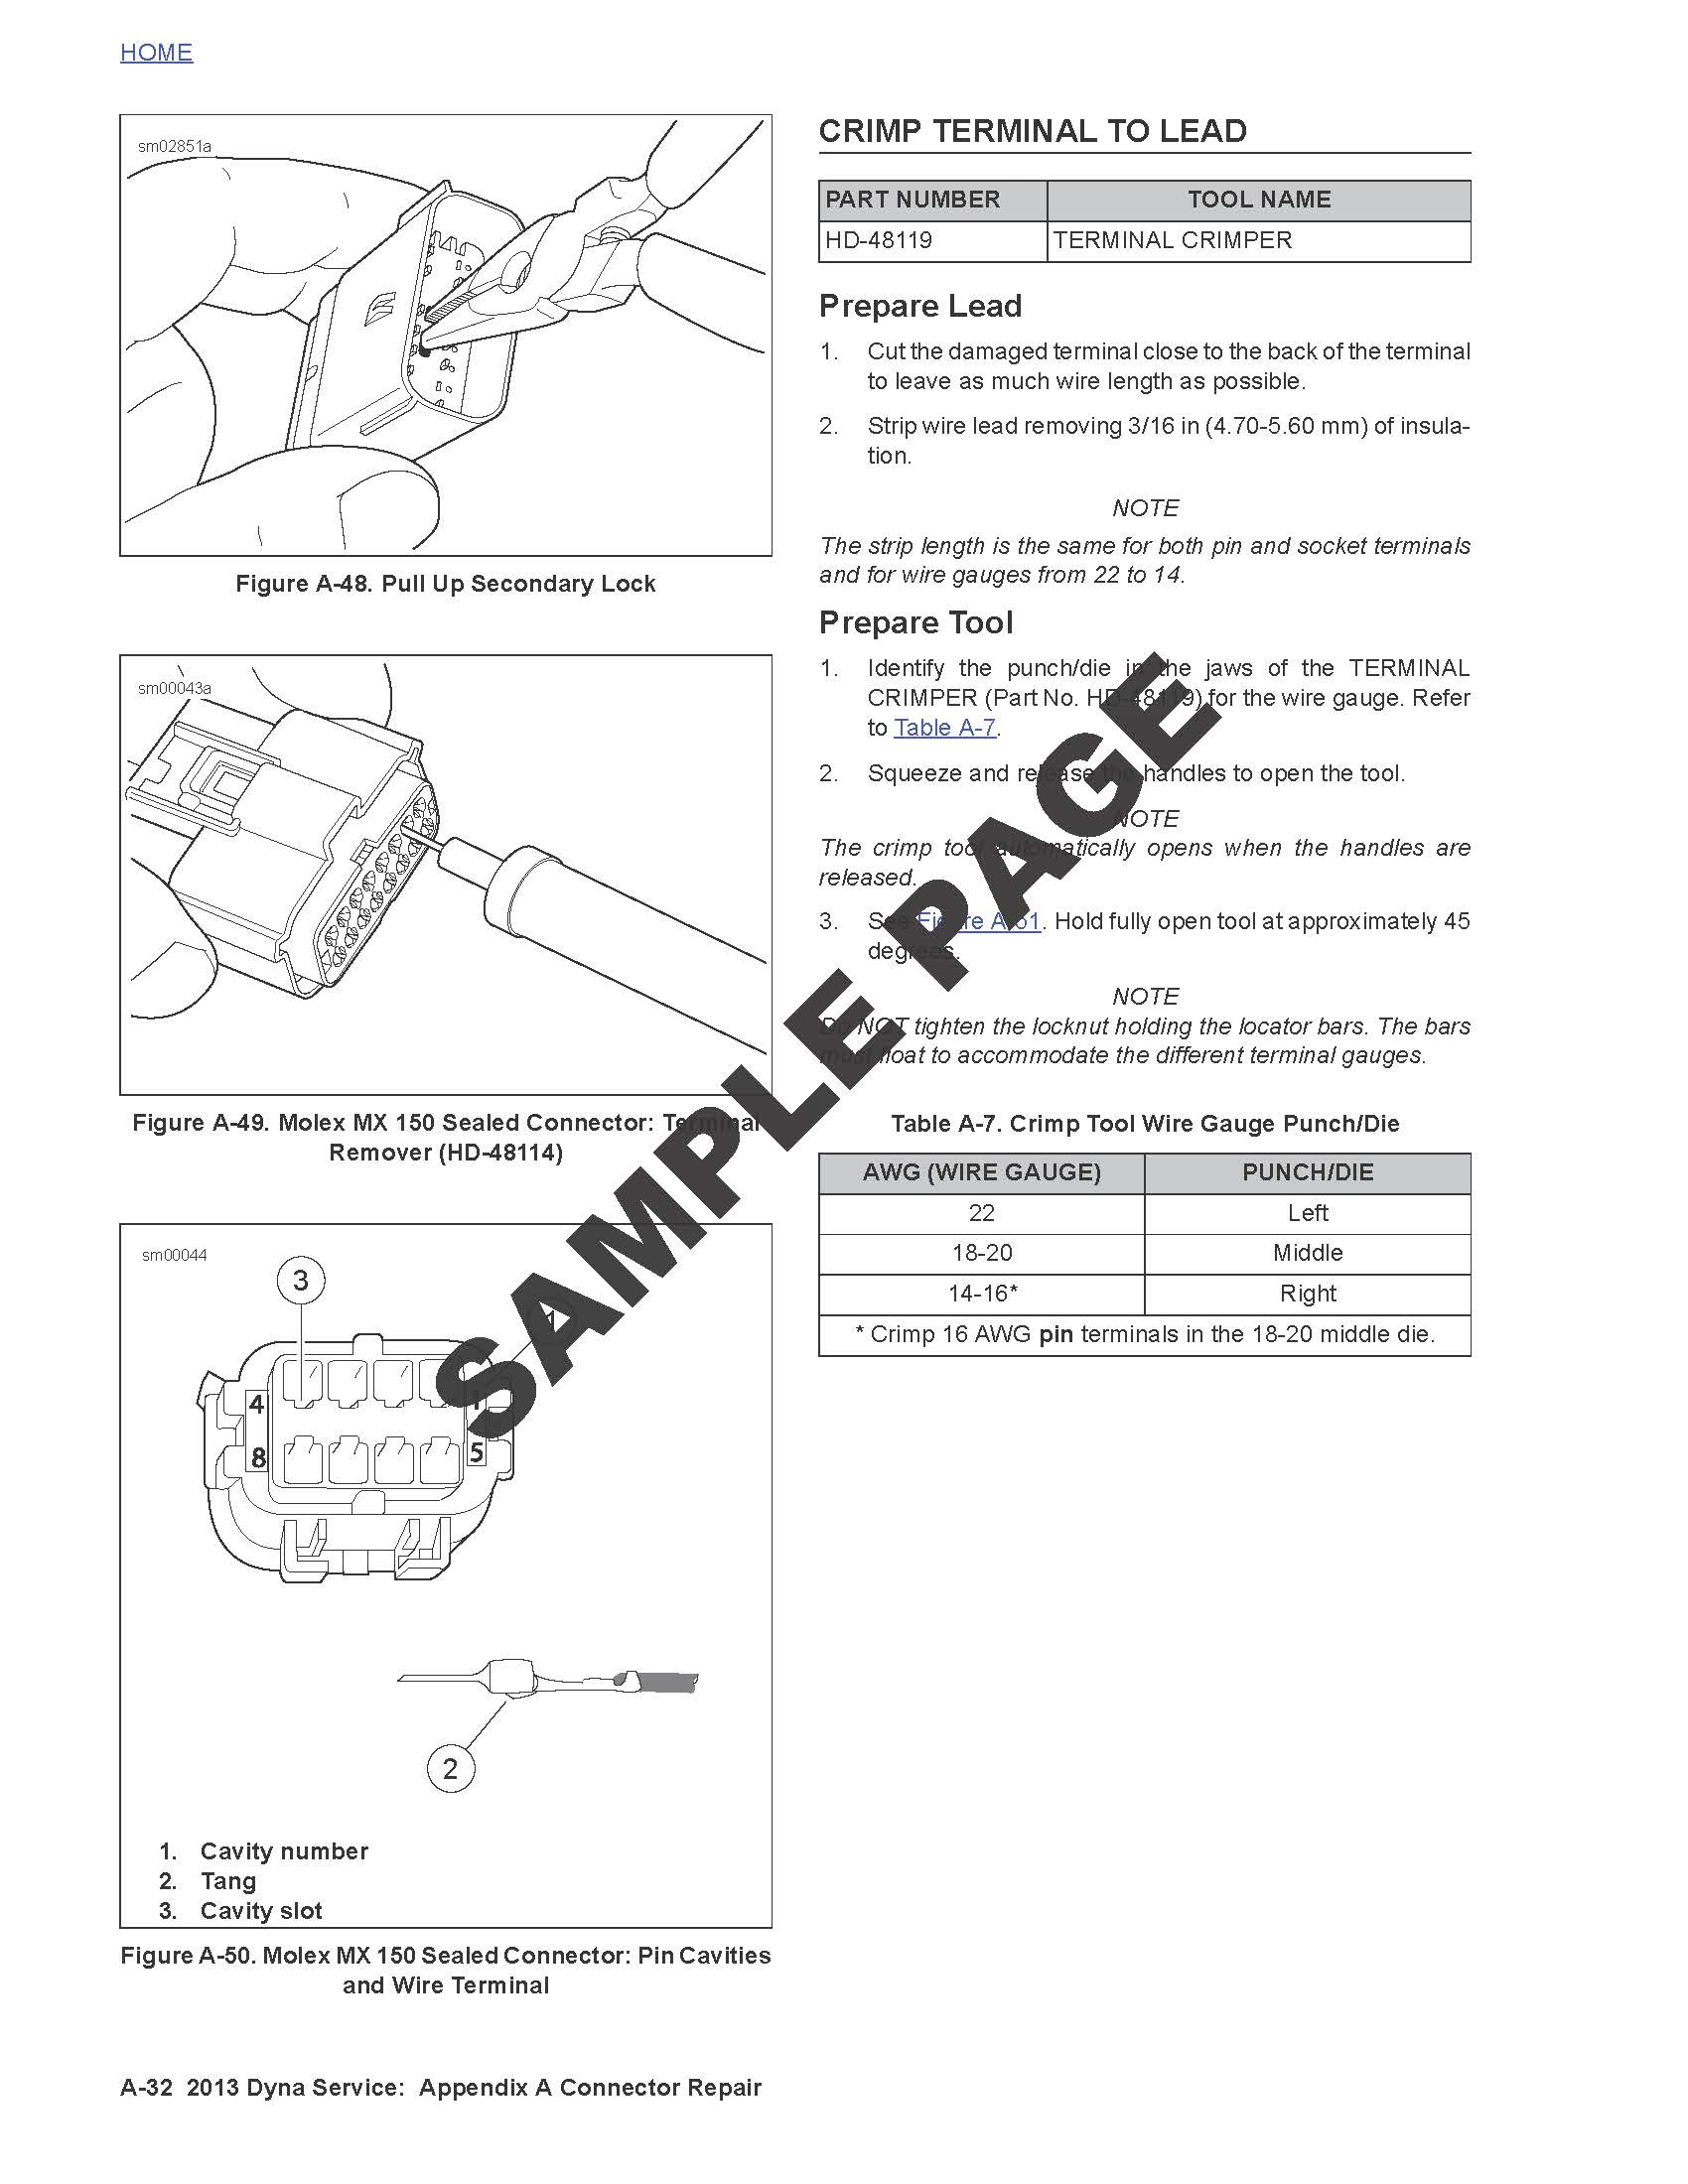 Dmca Notice Of Copyright Infringement